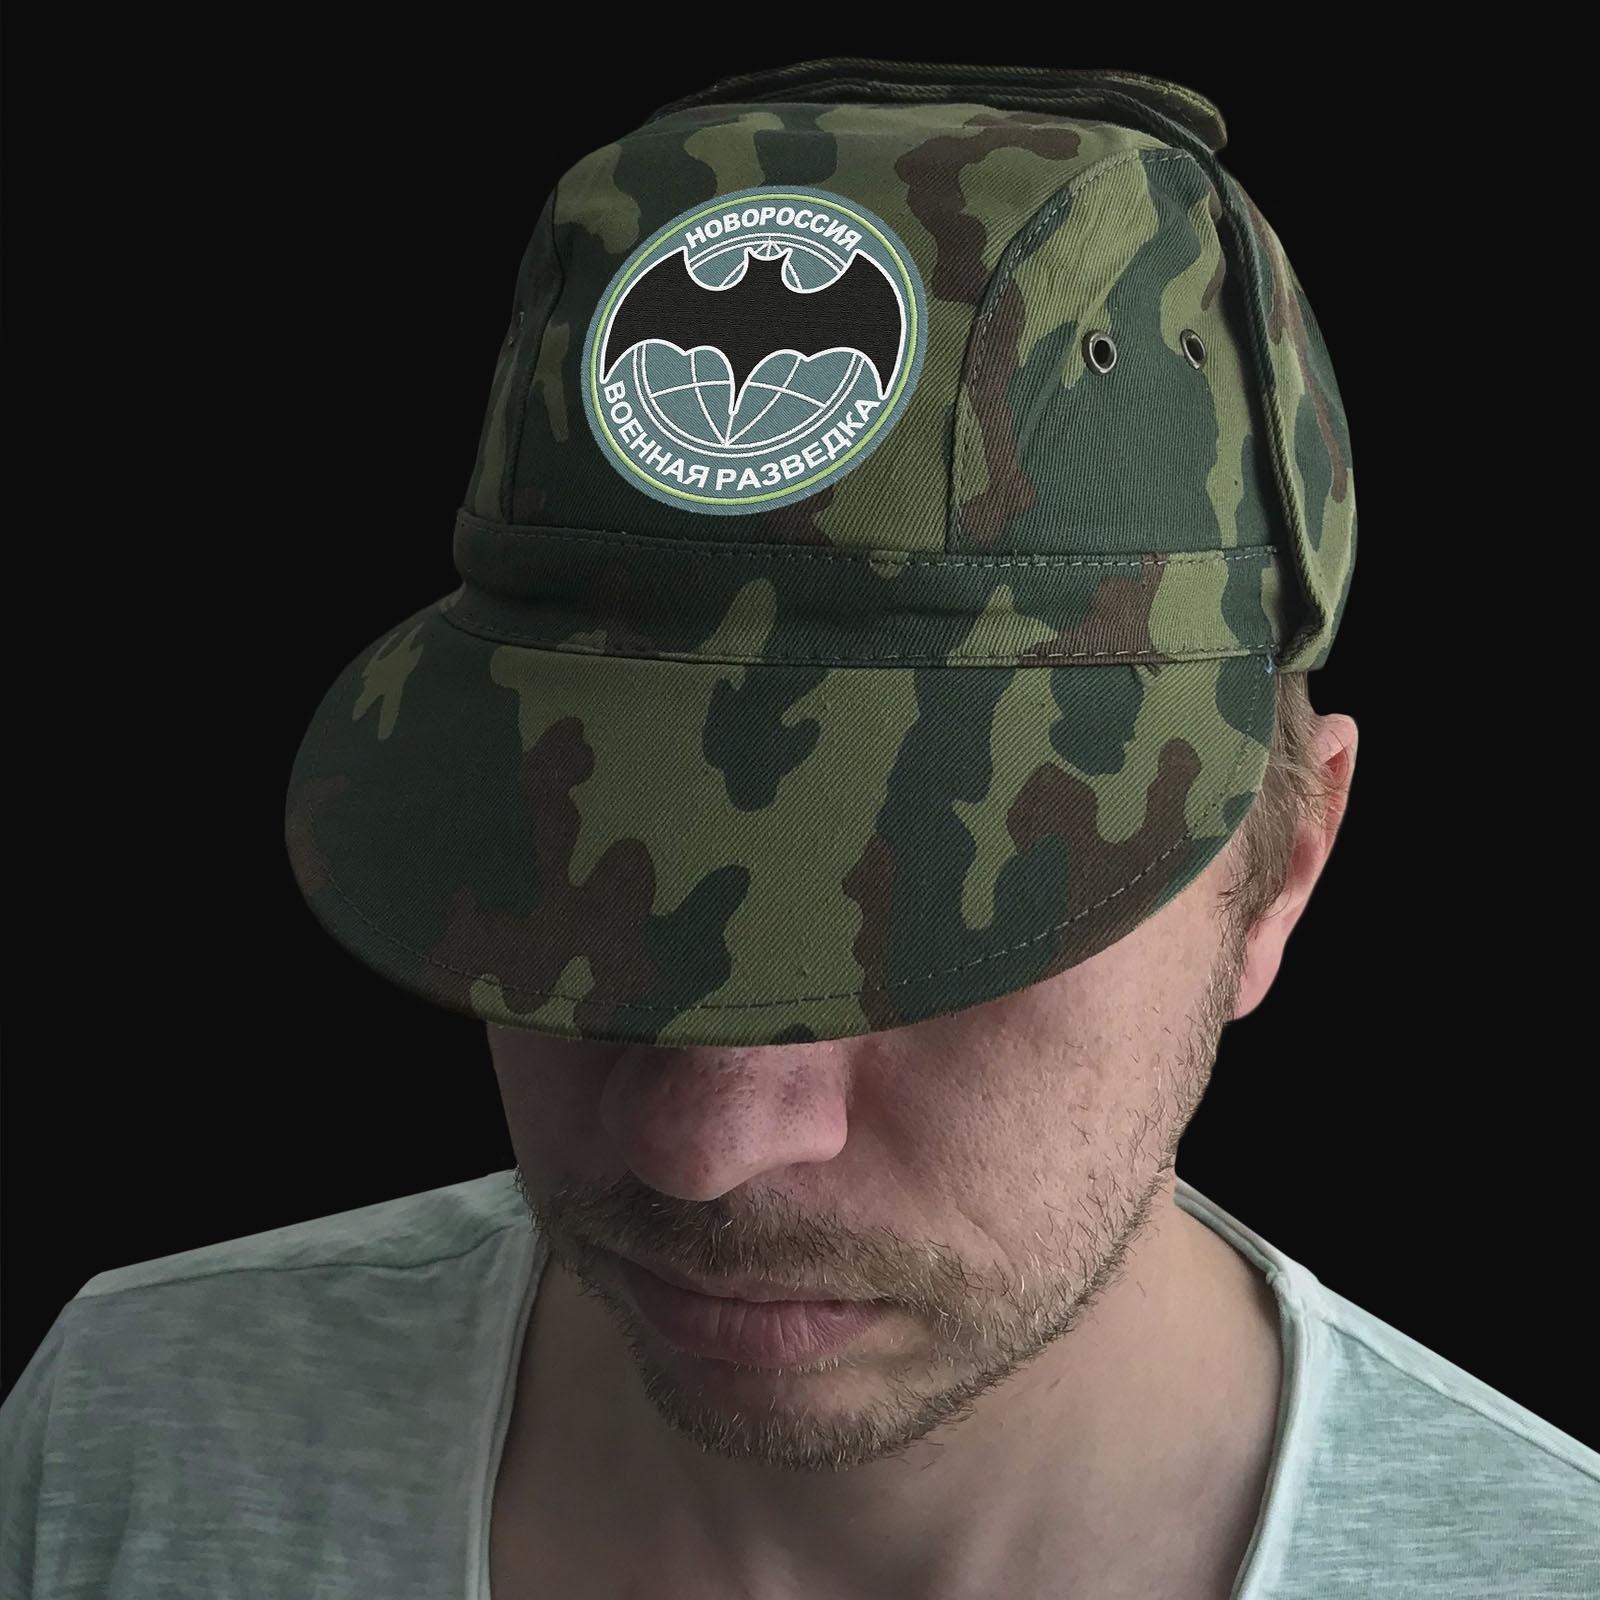 Мужская кепка Военная разведка Новороссии